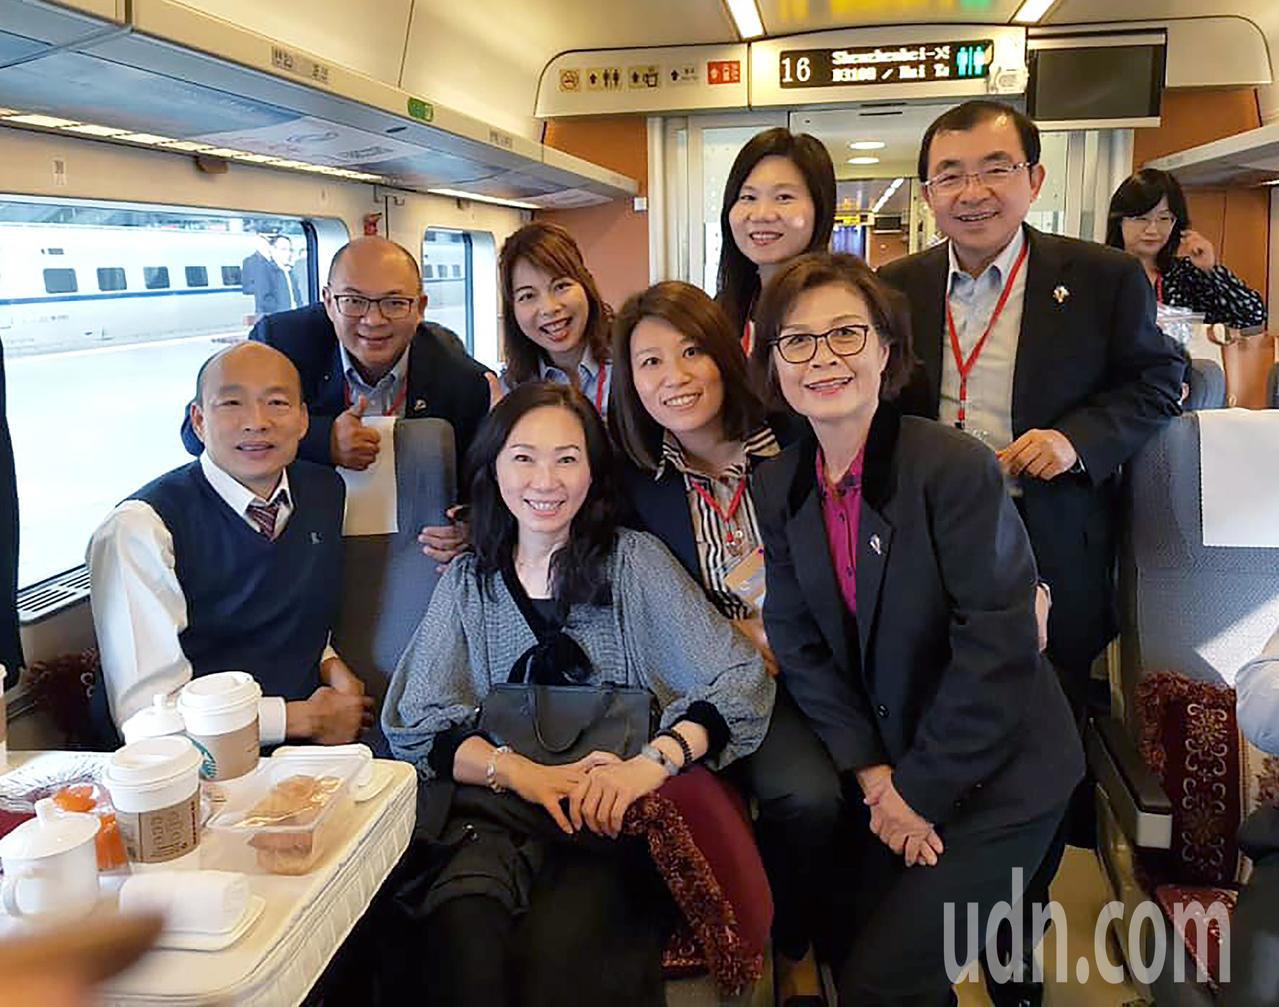 高雄市長韓國瑜與議會大陸參訪團今天進入第五天,參訪團一行人搭乘動車還在車上合影。...